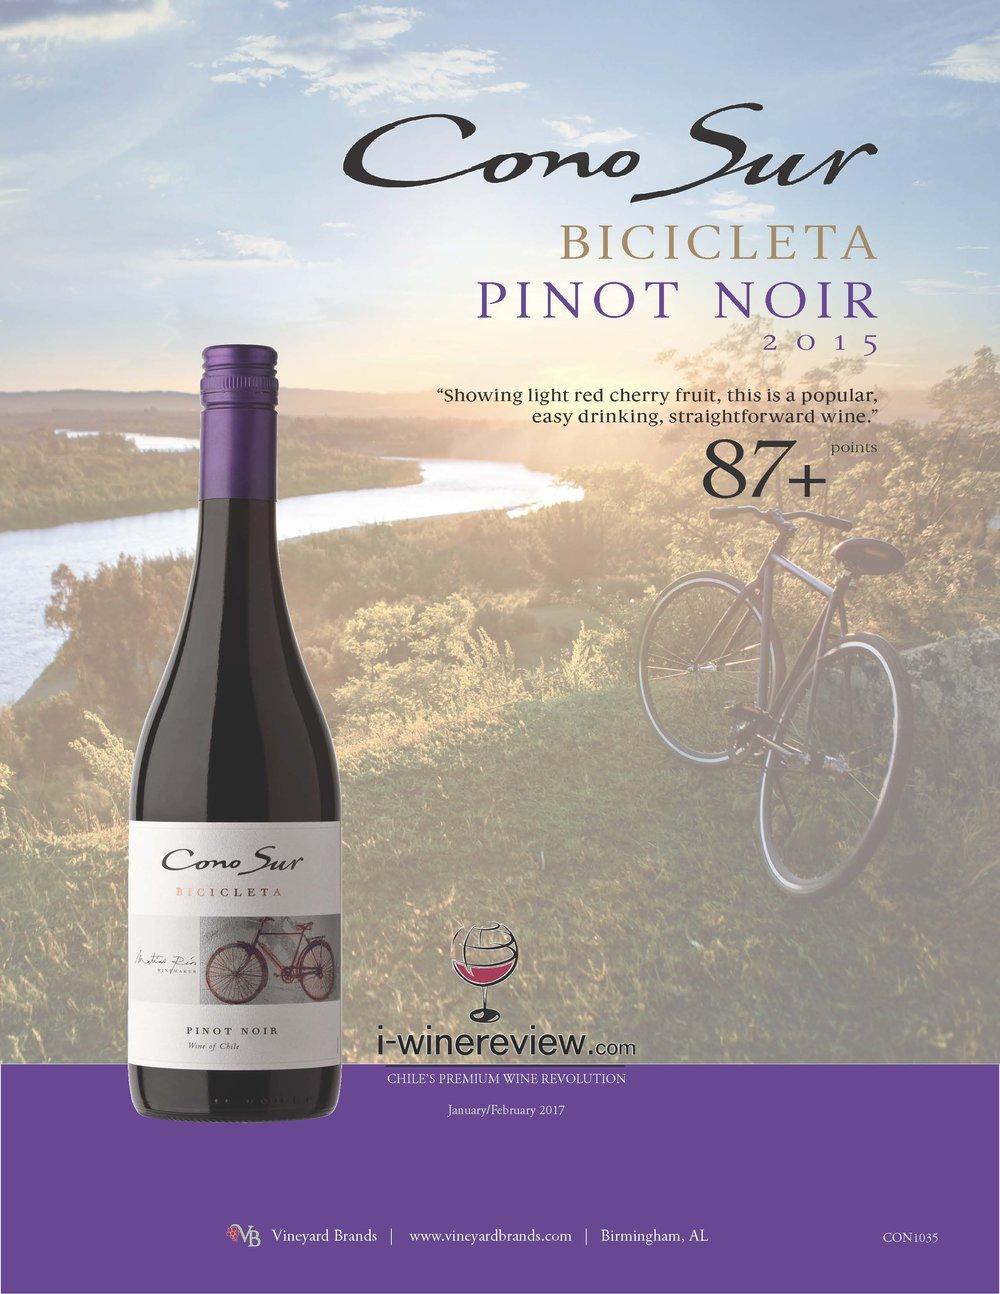 Cono Sur Bicicleta Pinot Noir 2015.jpg